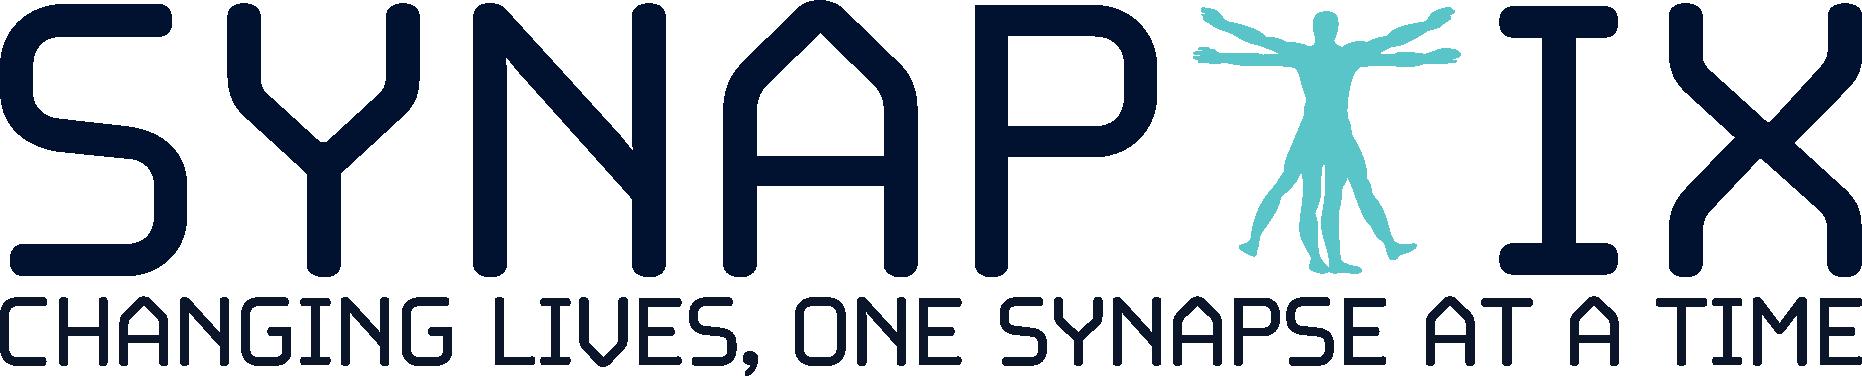 synaptix-cbd-logo-slogan-dark